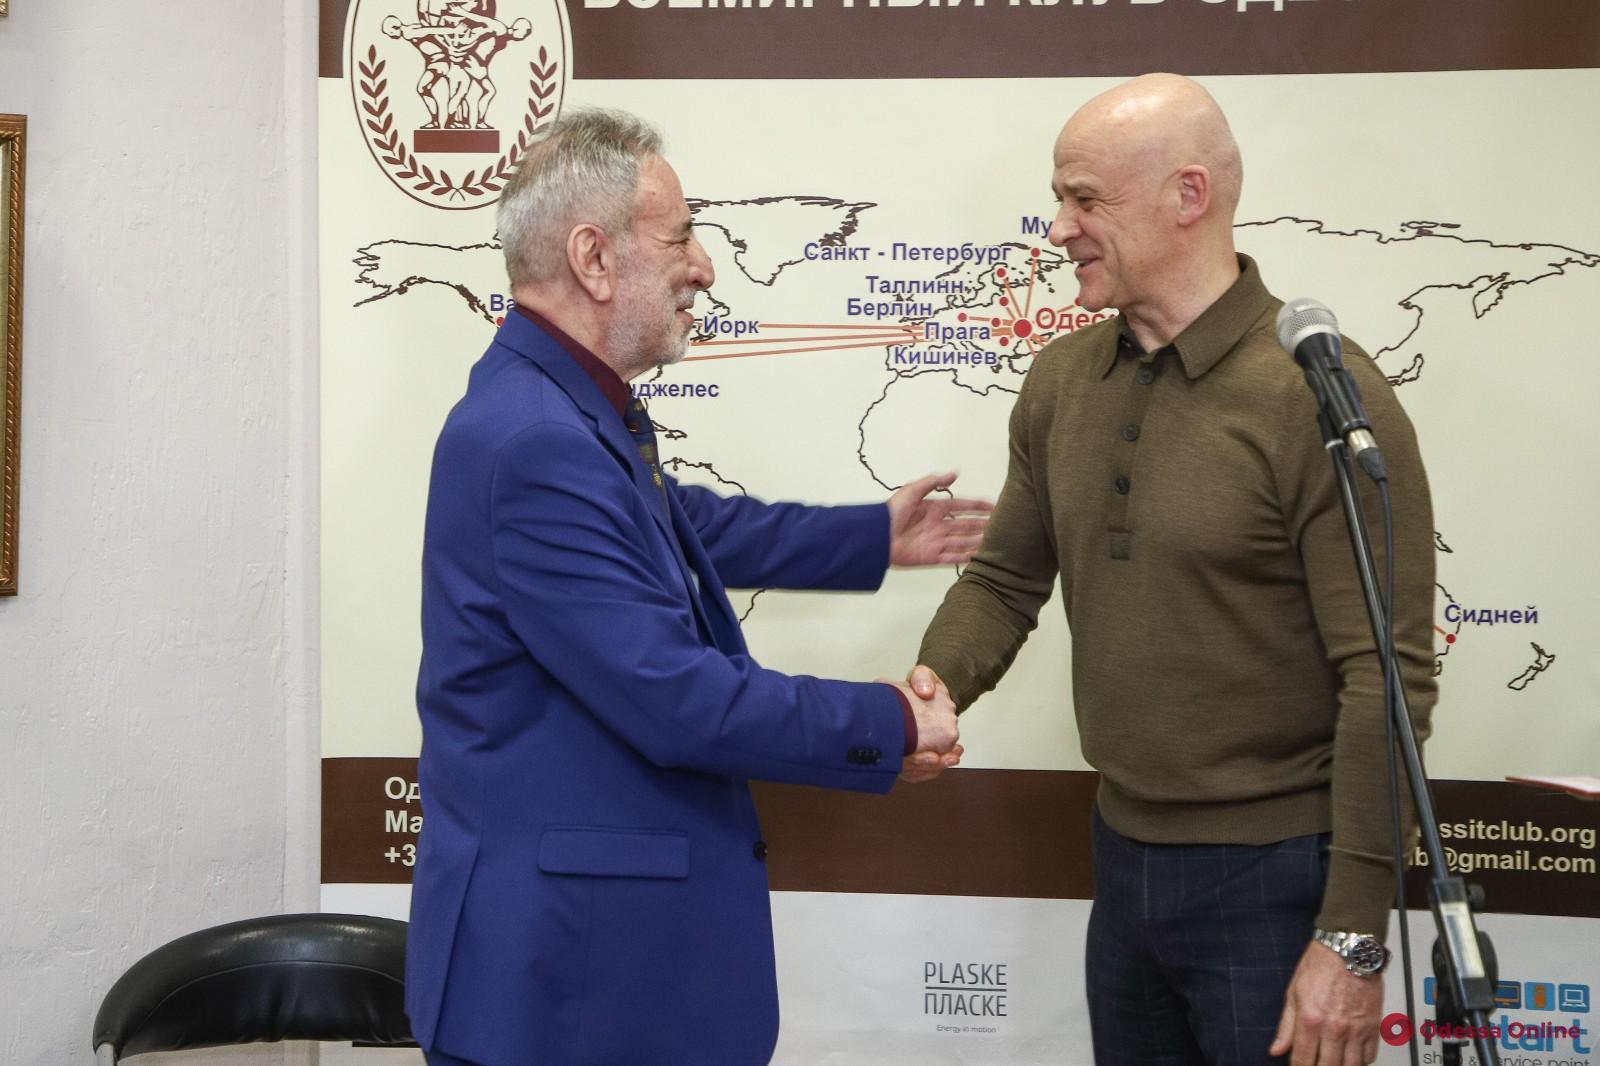 Известный одесский сценарист и ведущий Игорь Кнеллер отметил 70-летний юбилей